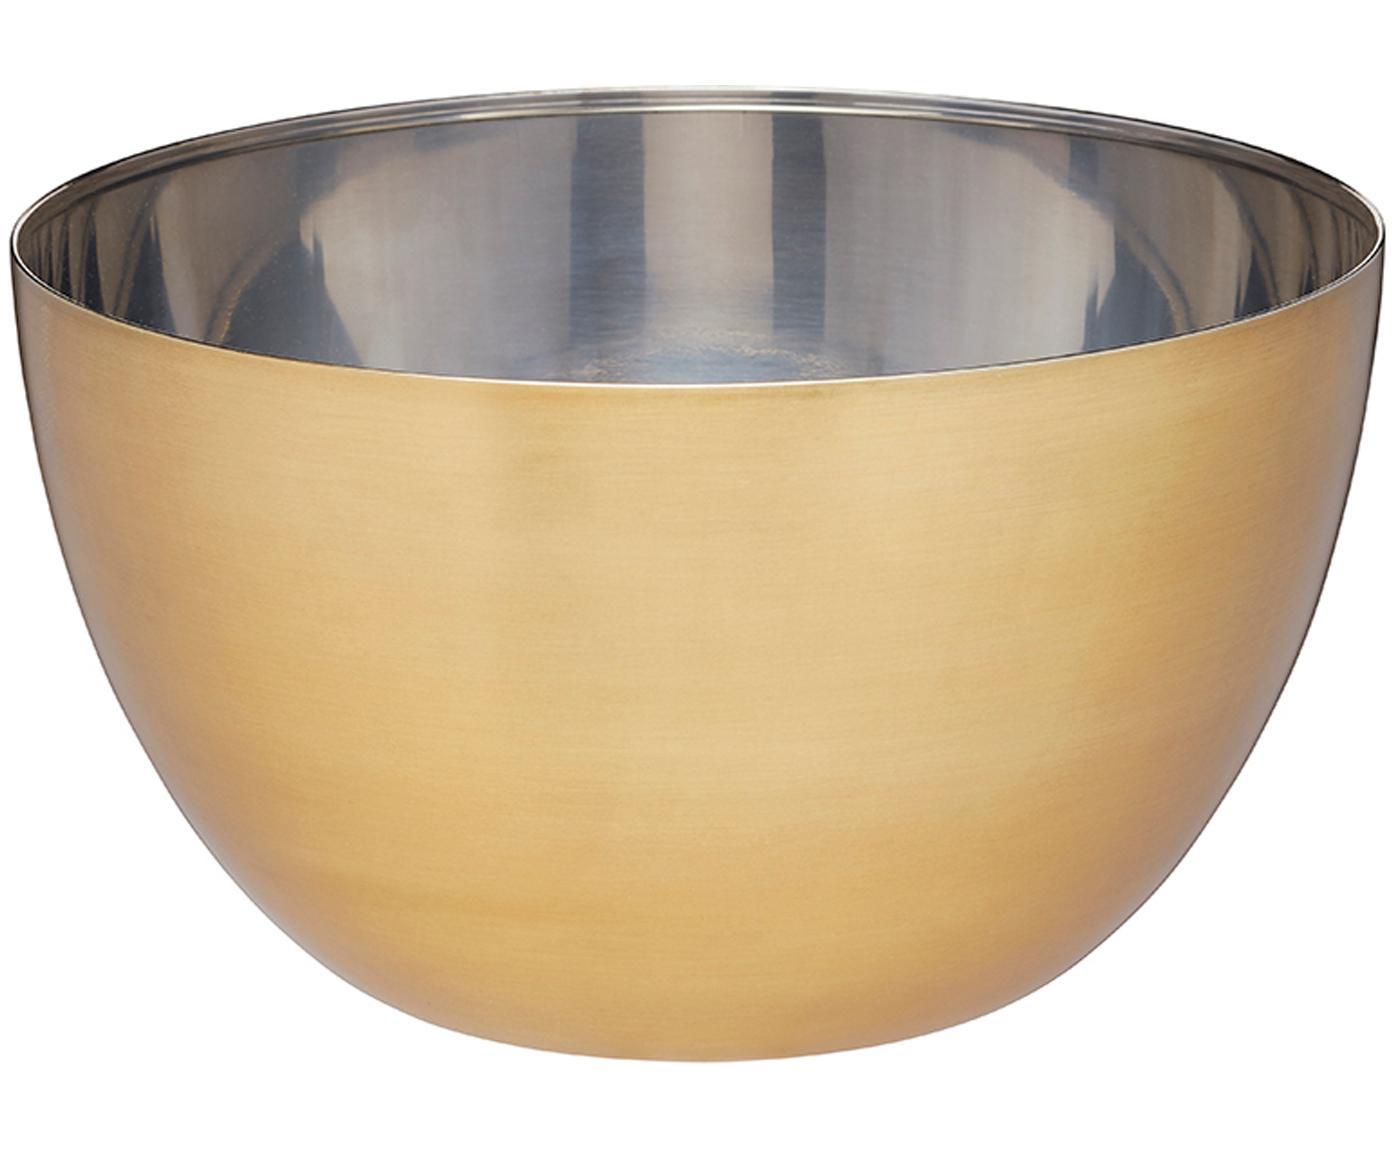 Ciotola Master Class, Esterno: acciaio inossidabile, riv, Interno: acciaio inossidabile, Colori ottone, acciaio inossidabile, Ø 21 x Alt. 12 cm